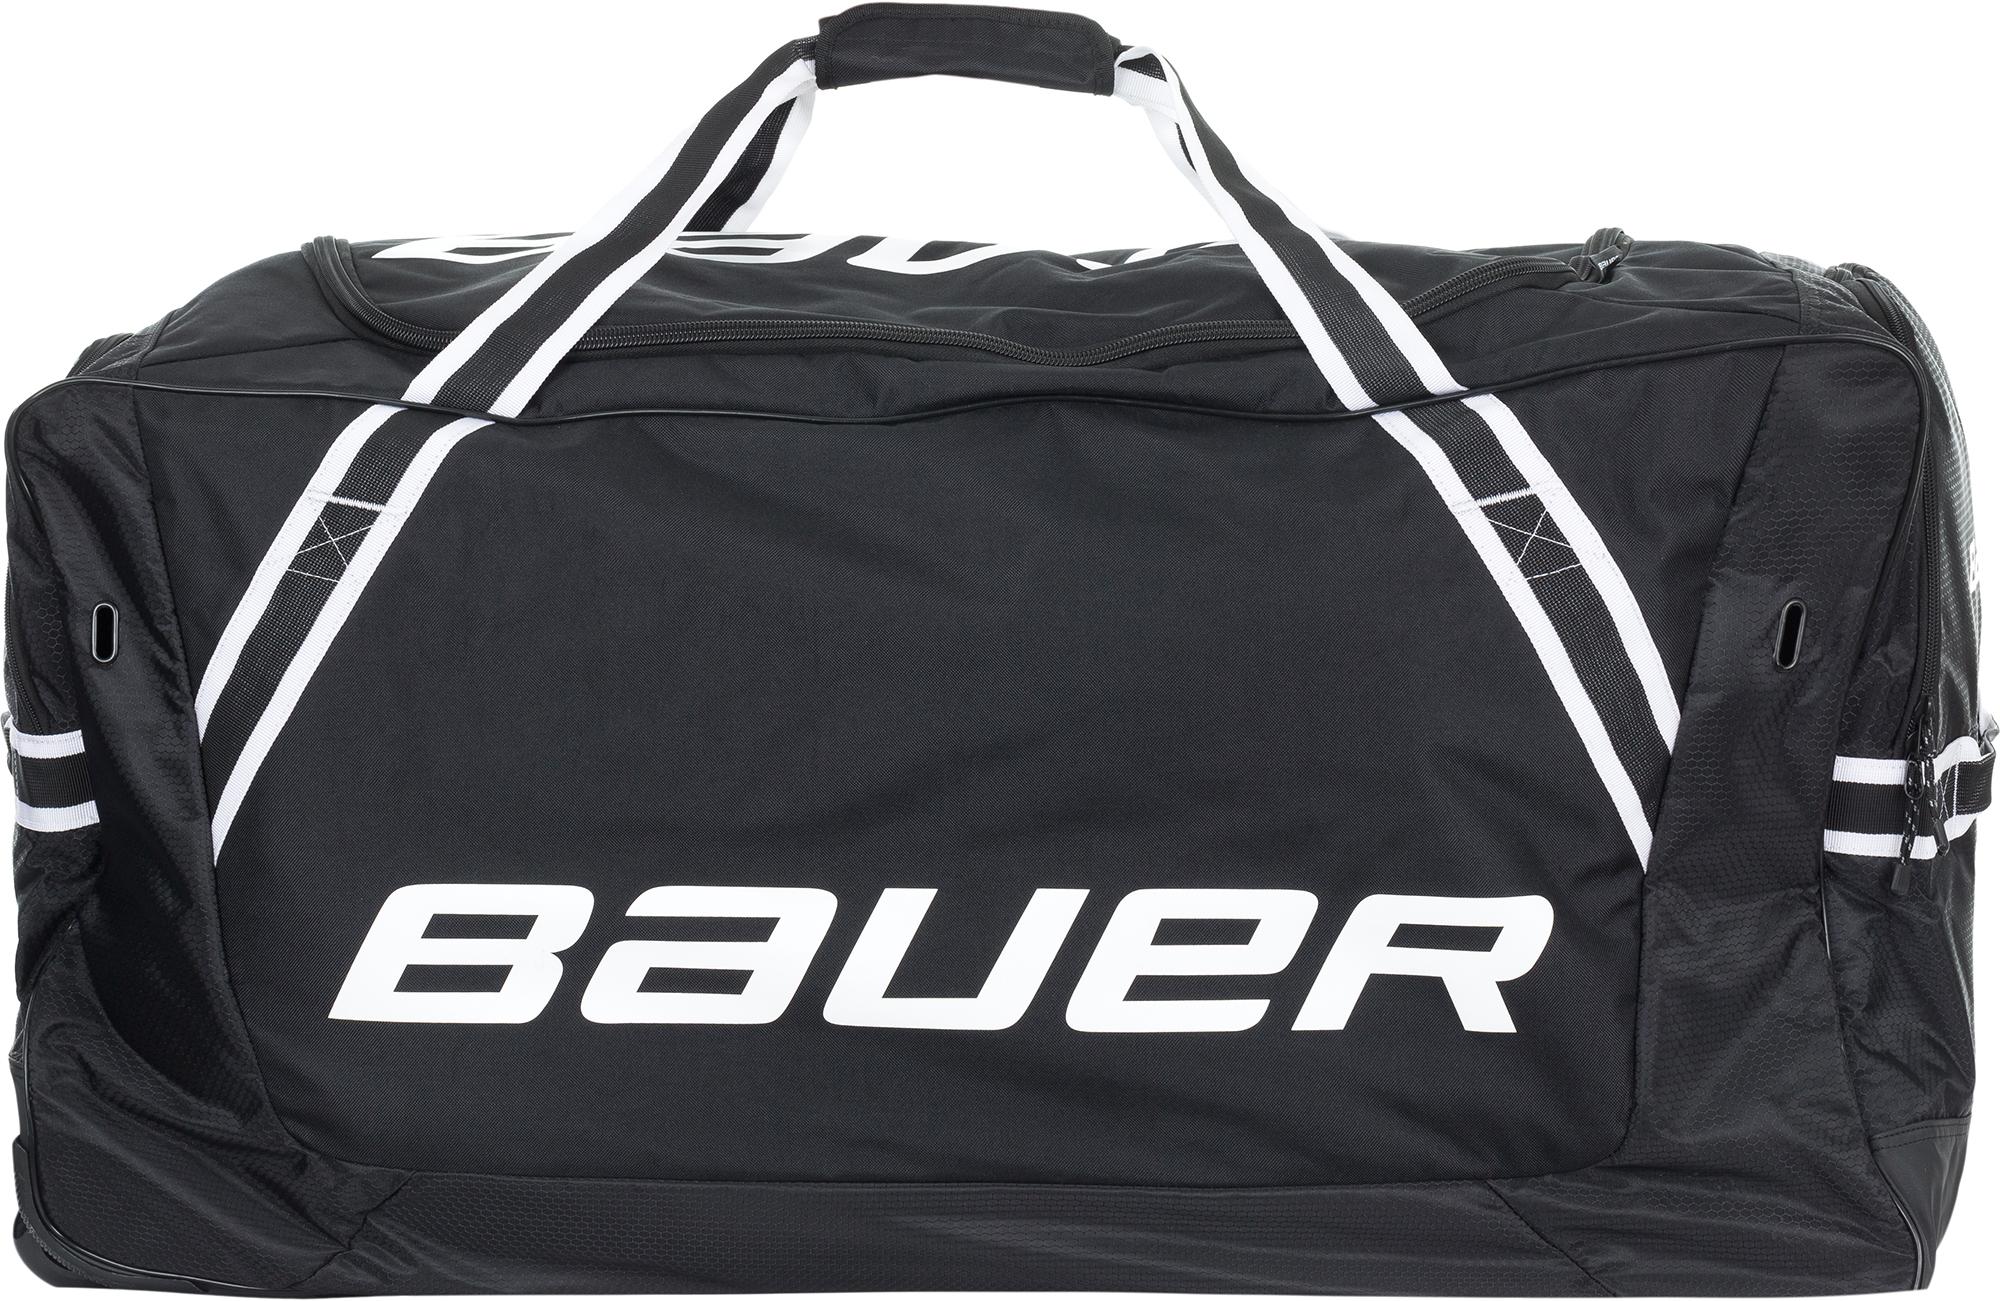 Bauer Баул хоккейный Bauer BAUER 850 WHEEL bauer belinda shut eye the bauer belinda